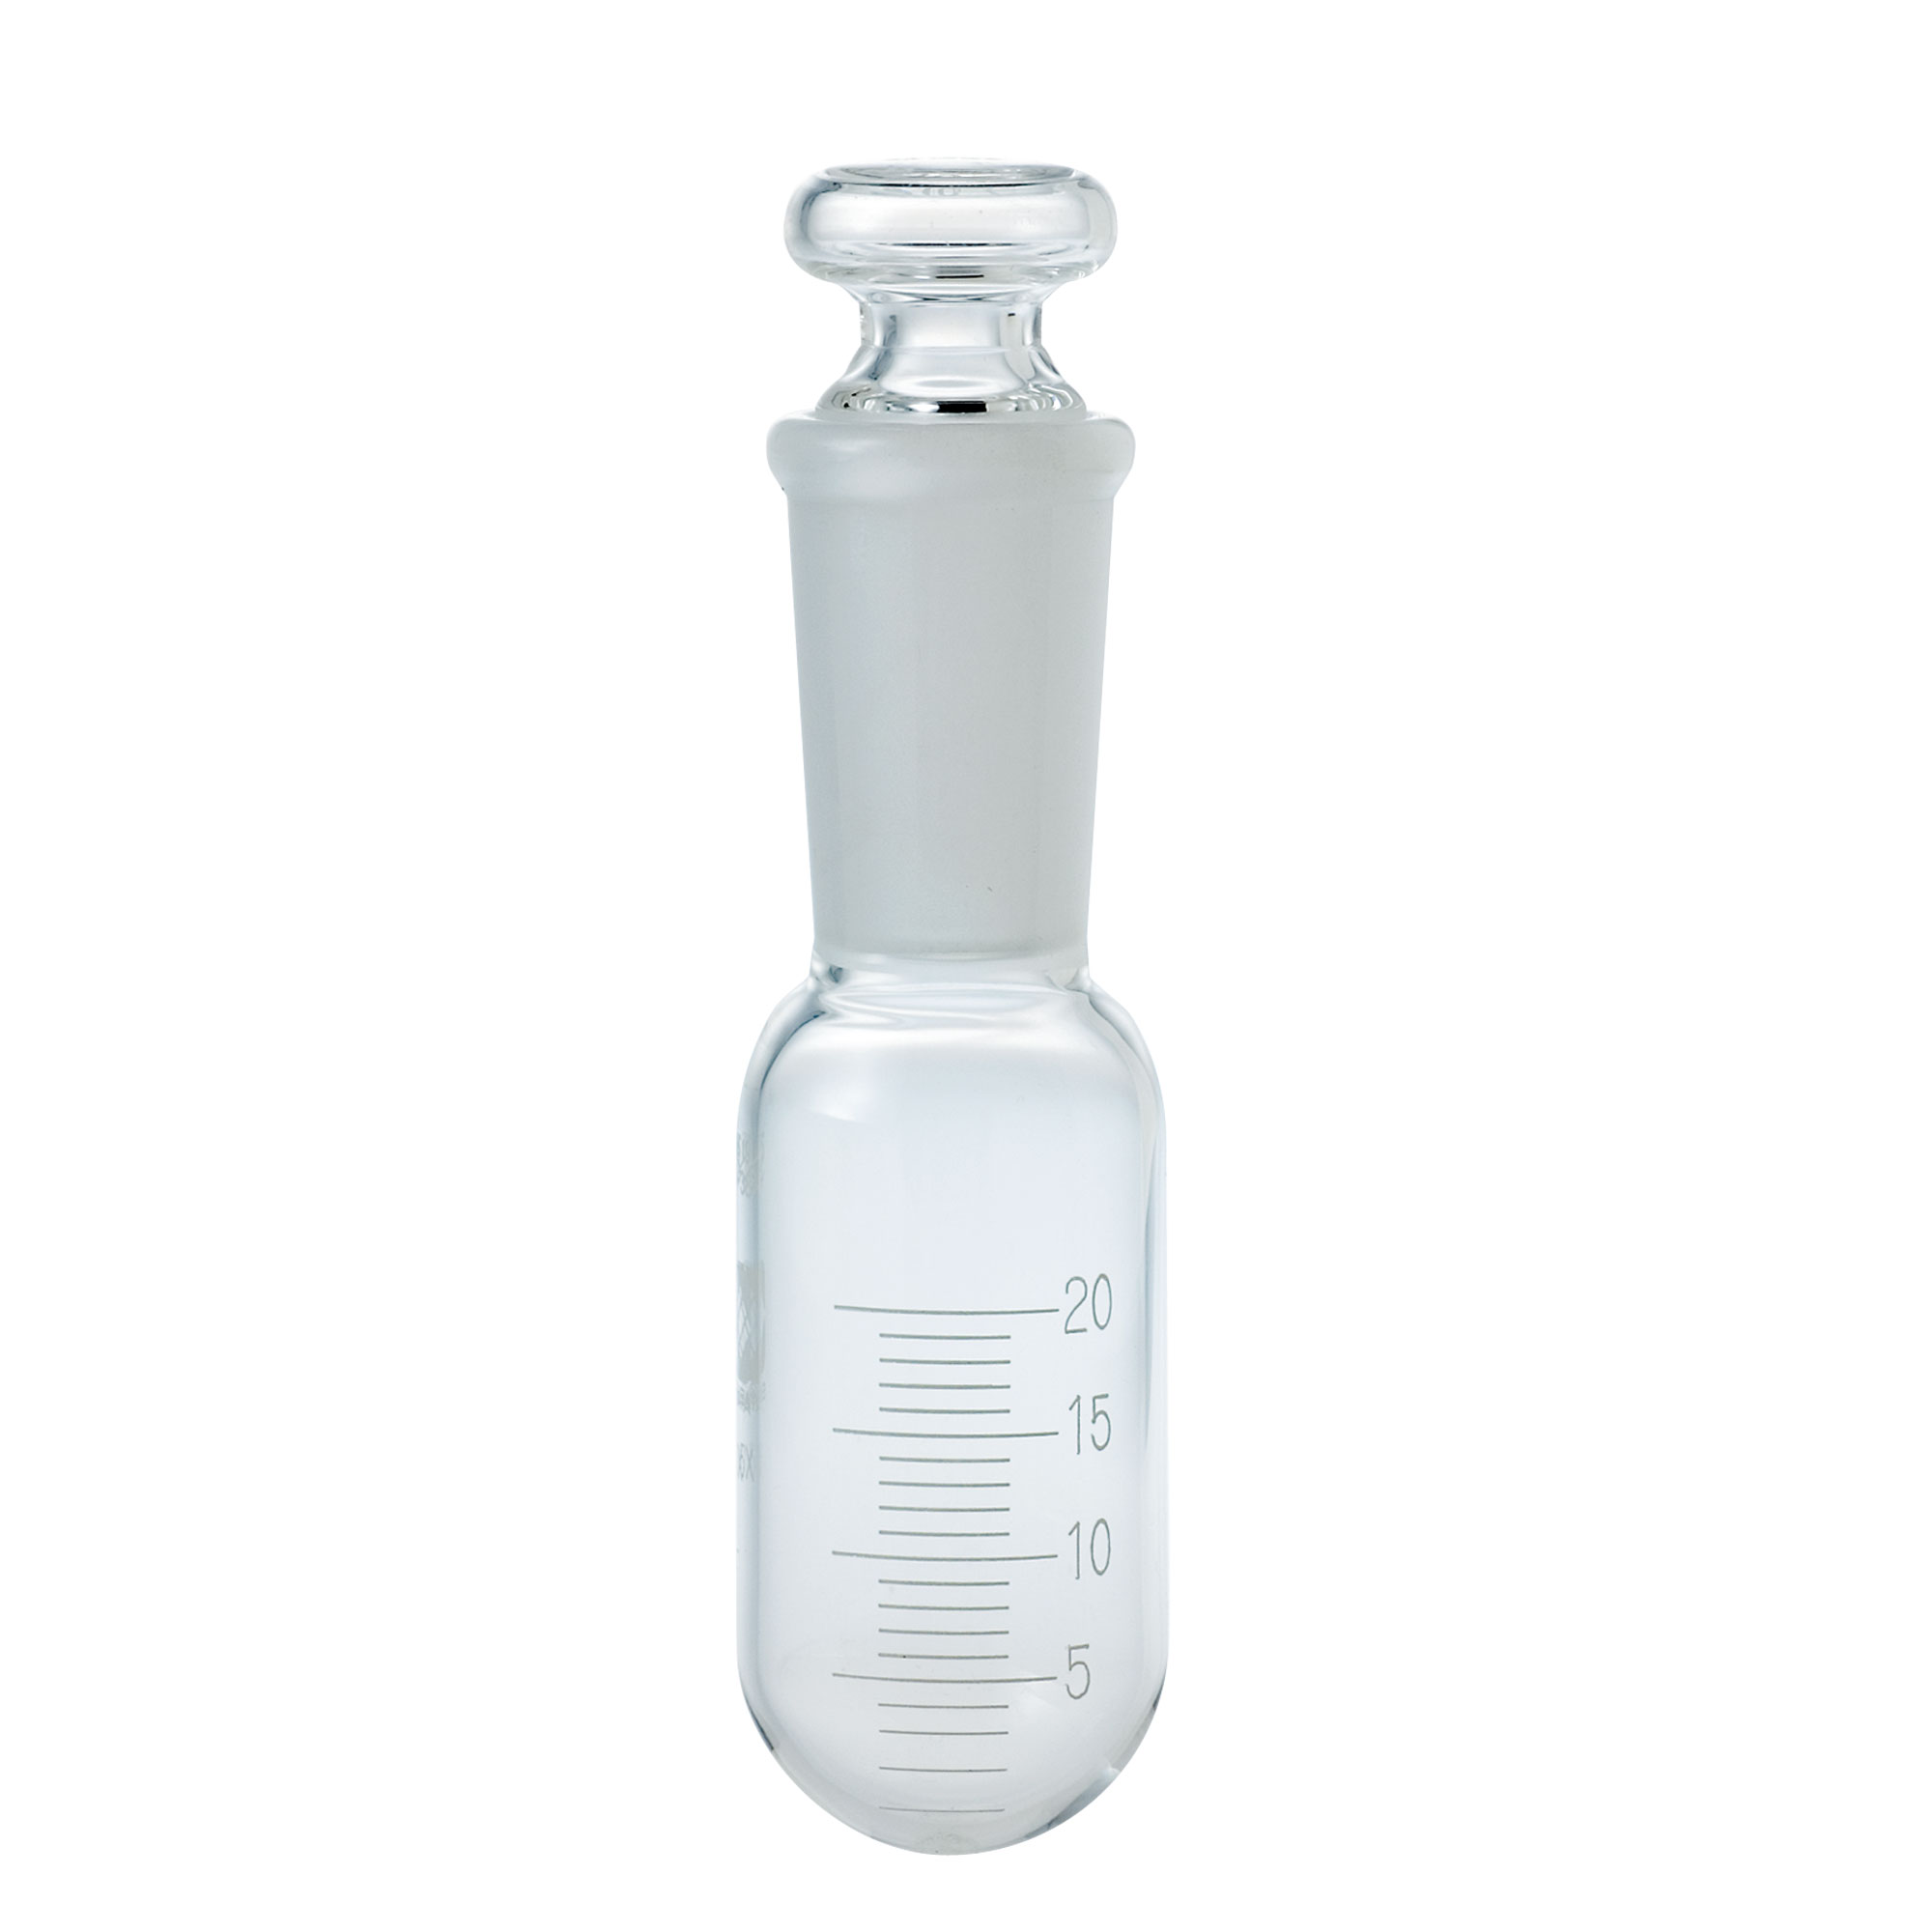 共通すり合わせ受器 円筒形 目盛付 平栓付(精密分留用部品)